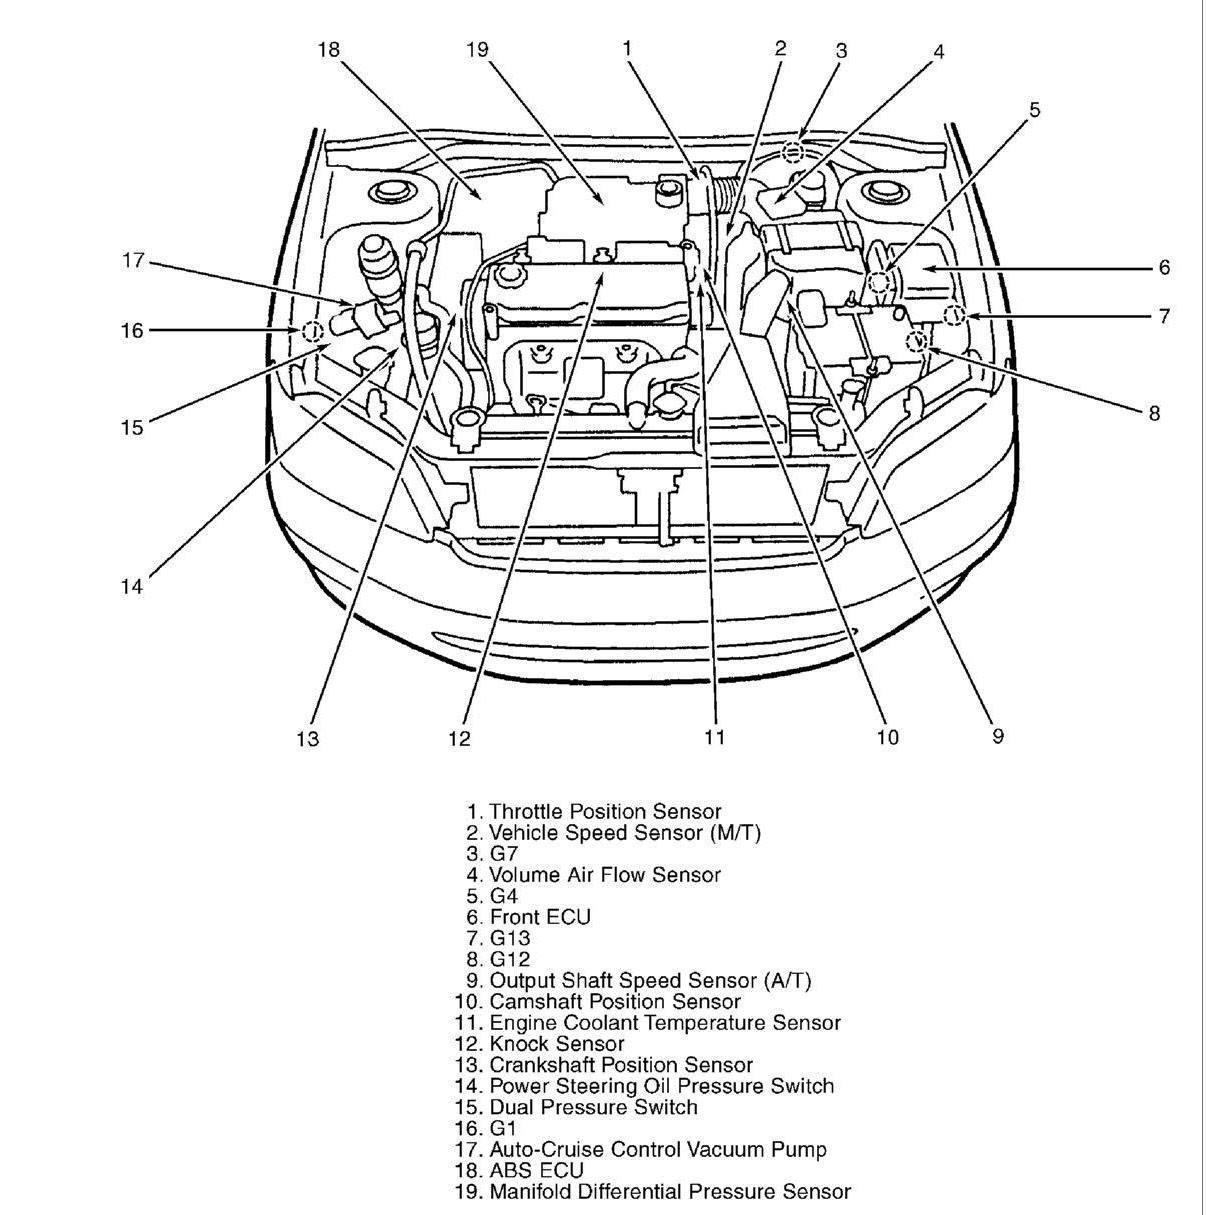 Wiring Diagram For 2003 Mitsubishi Lancer